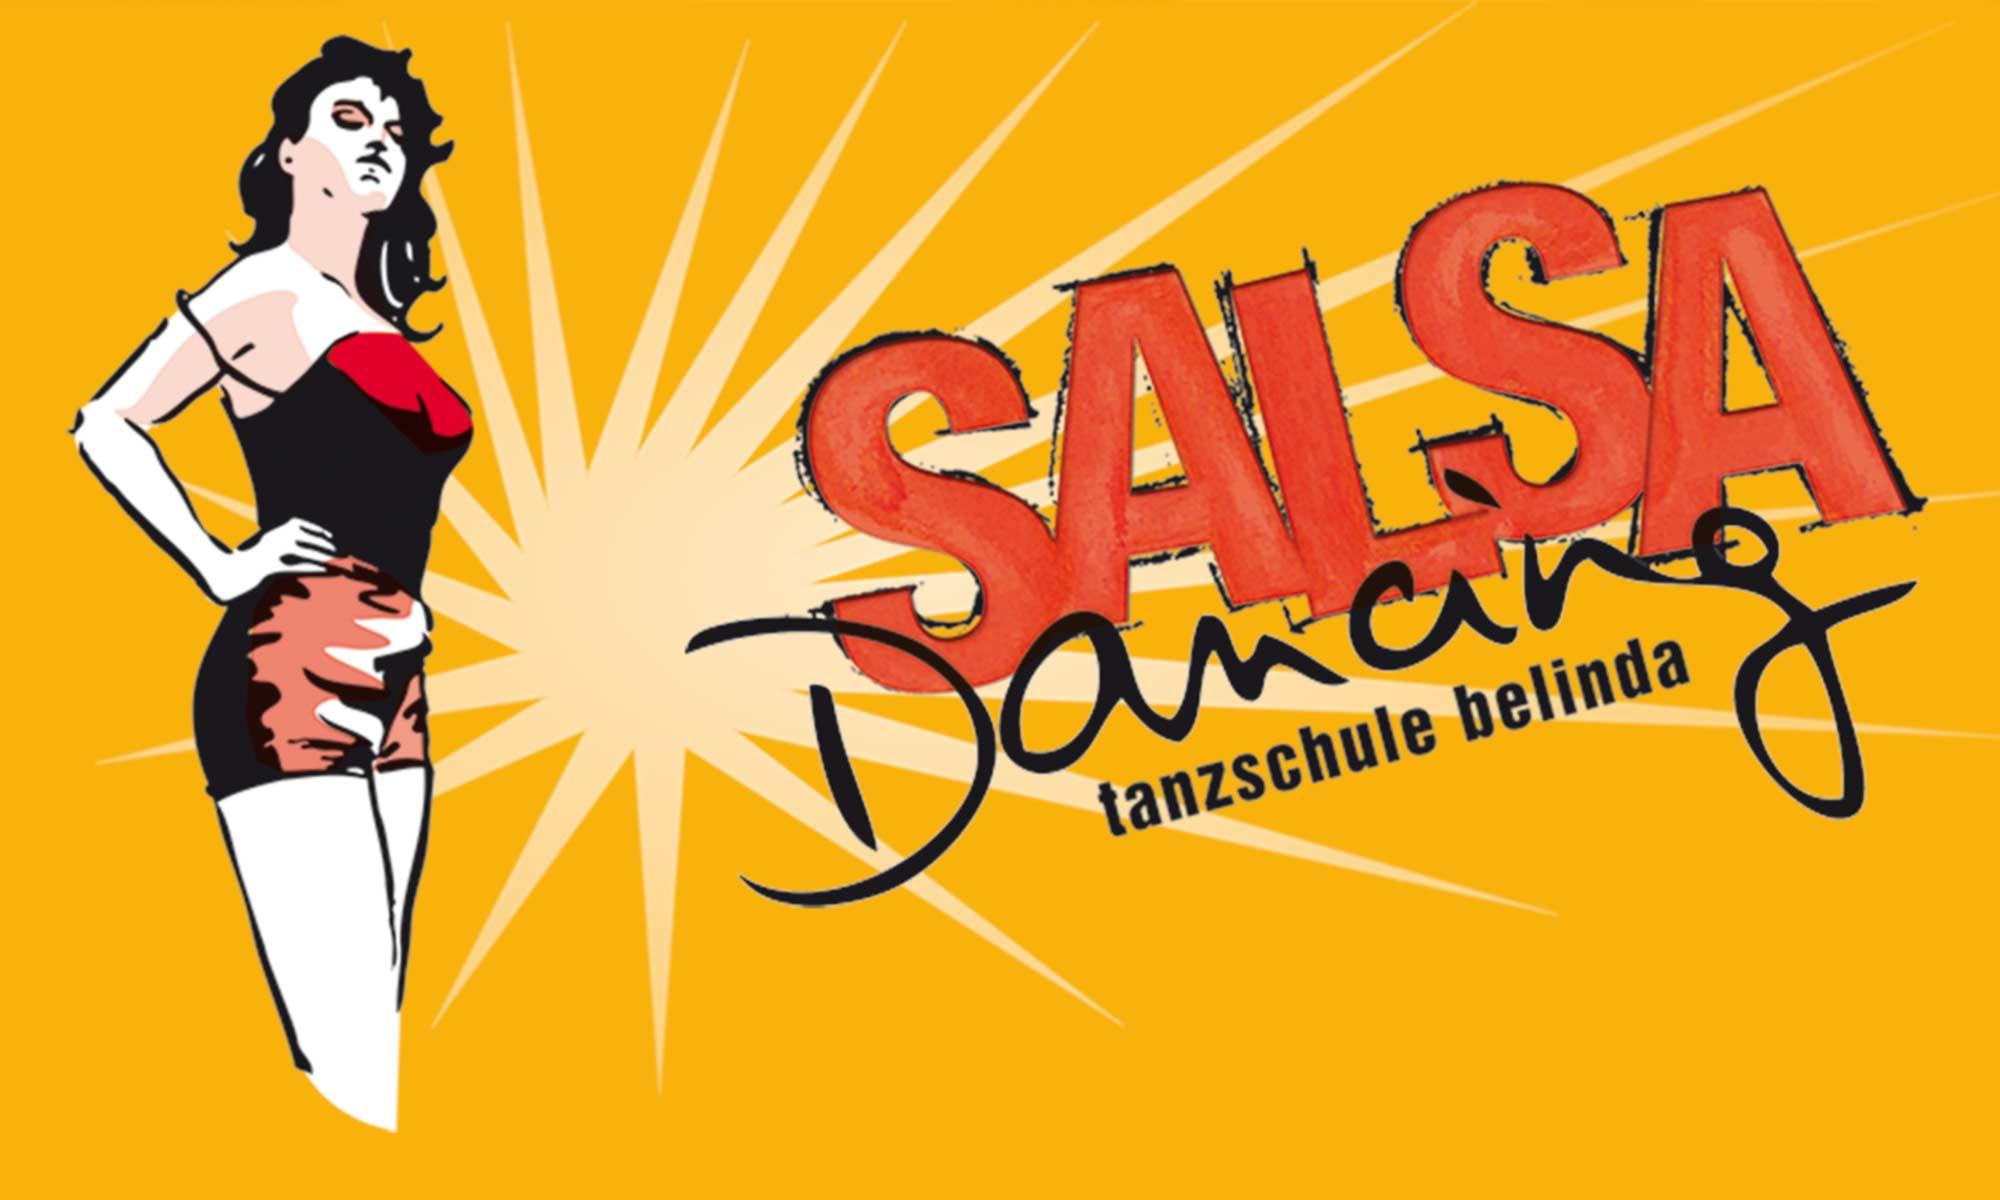 Plakat salsa-dancing